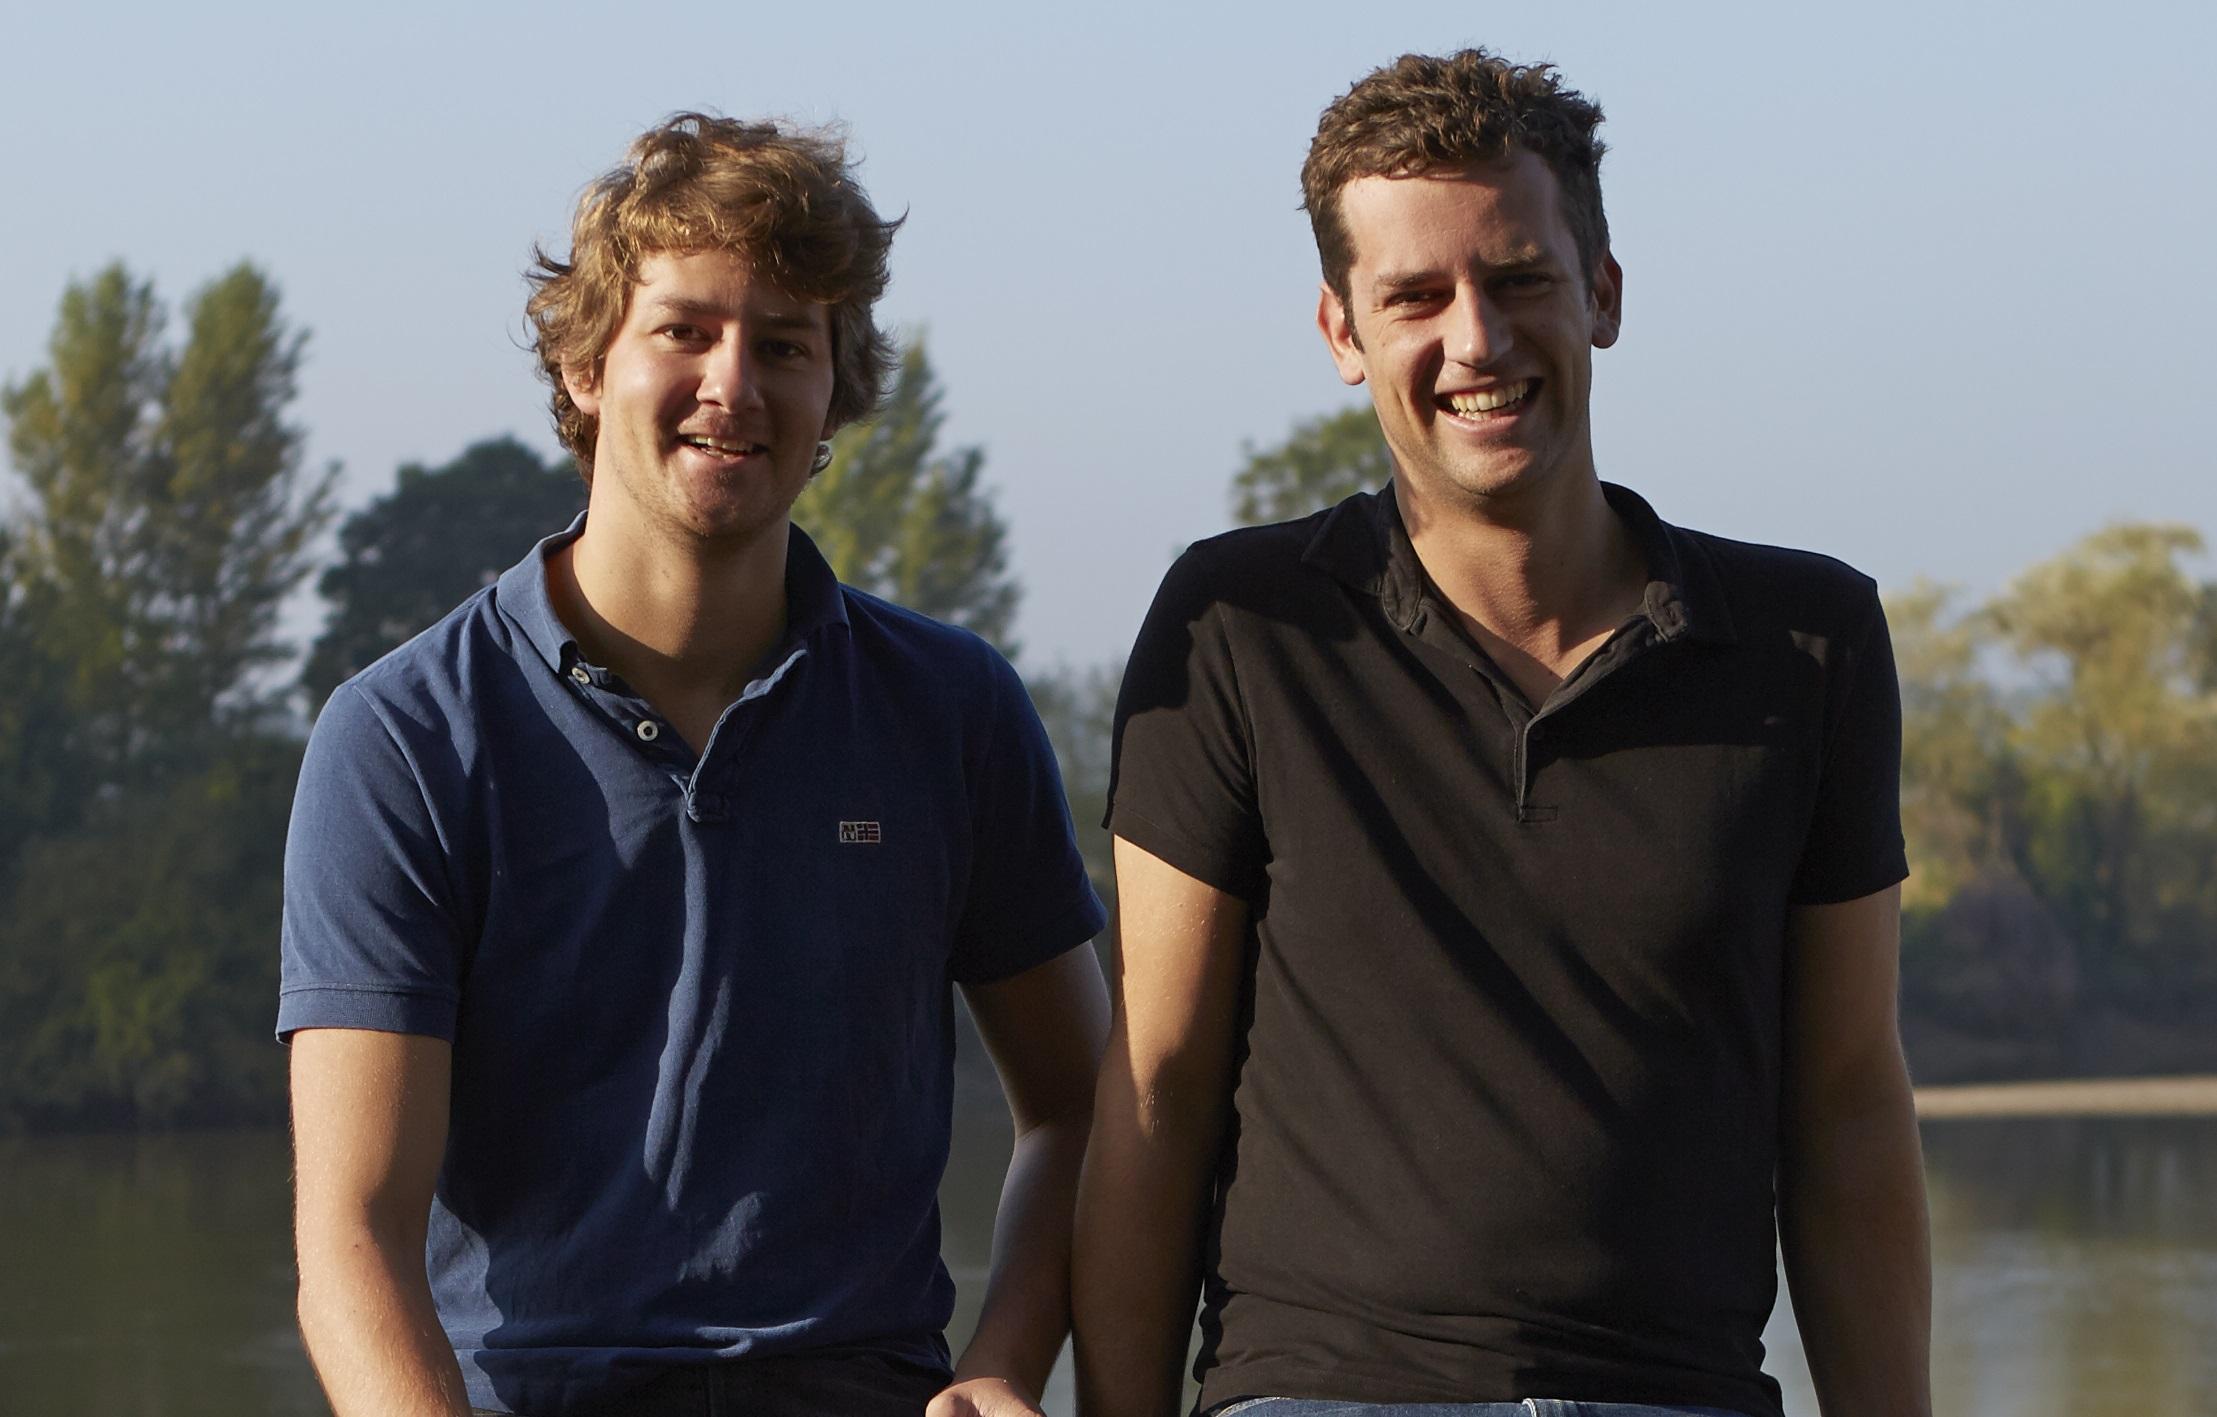 Paul-Arthur and Thibault Bardet